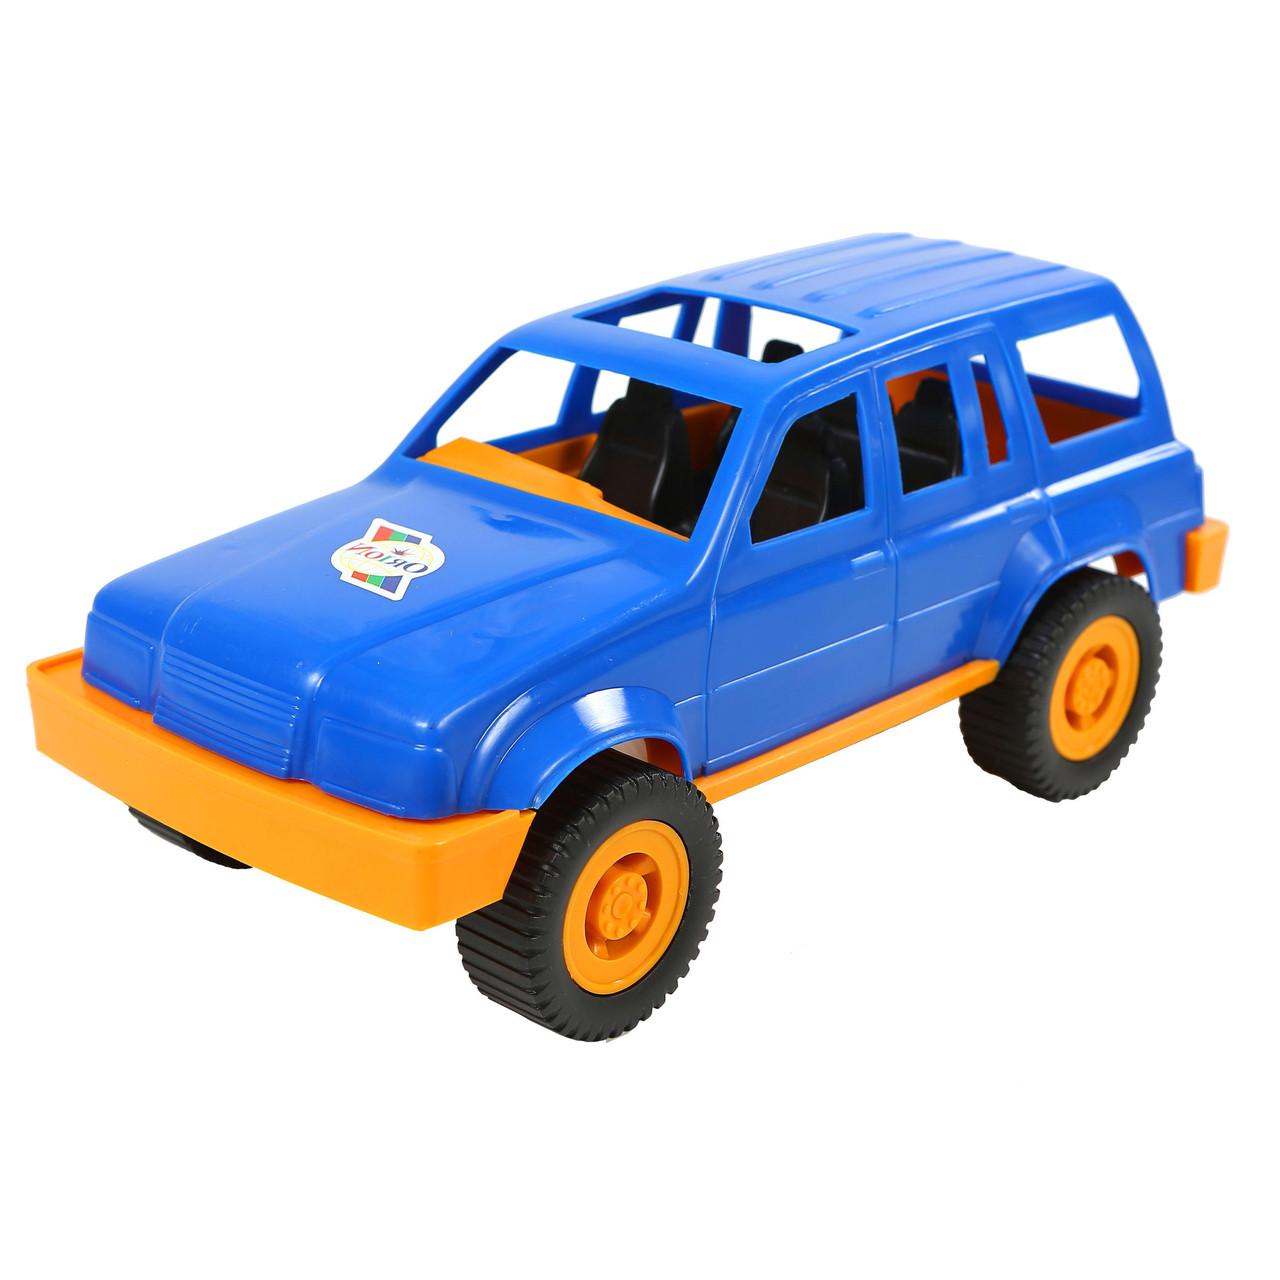 """Іграшка Машина """"Джип Тайфун"""" 082 Оріон 26*10*12см"""